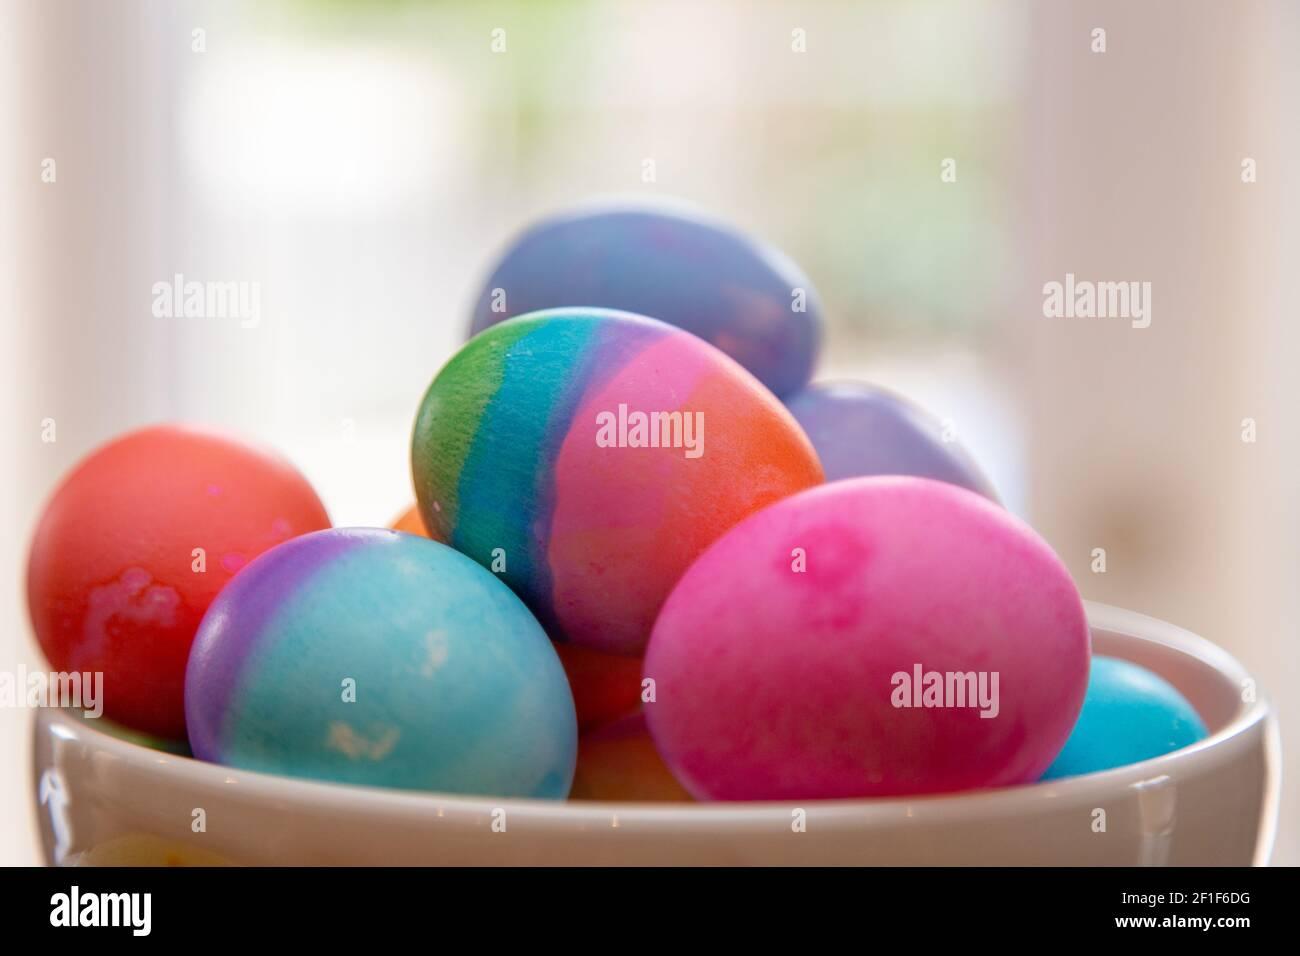 Primer plato de huevos de Pascua de colores brillantes en juego Foto de stock